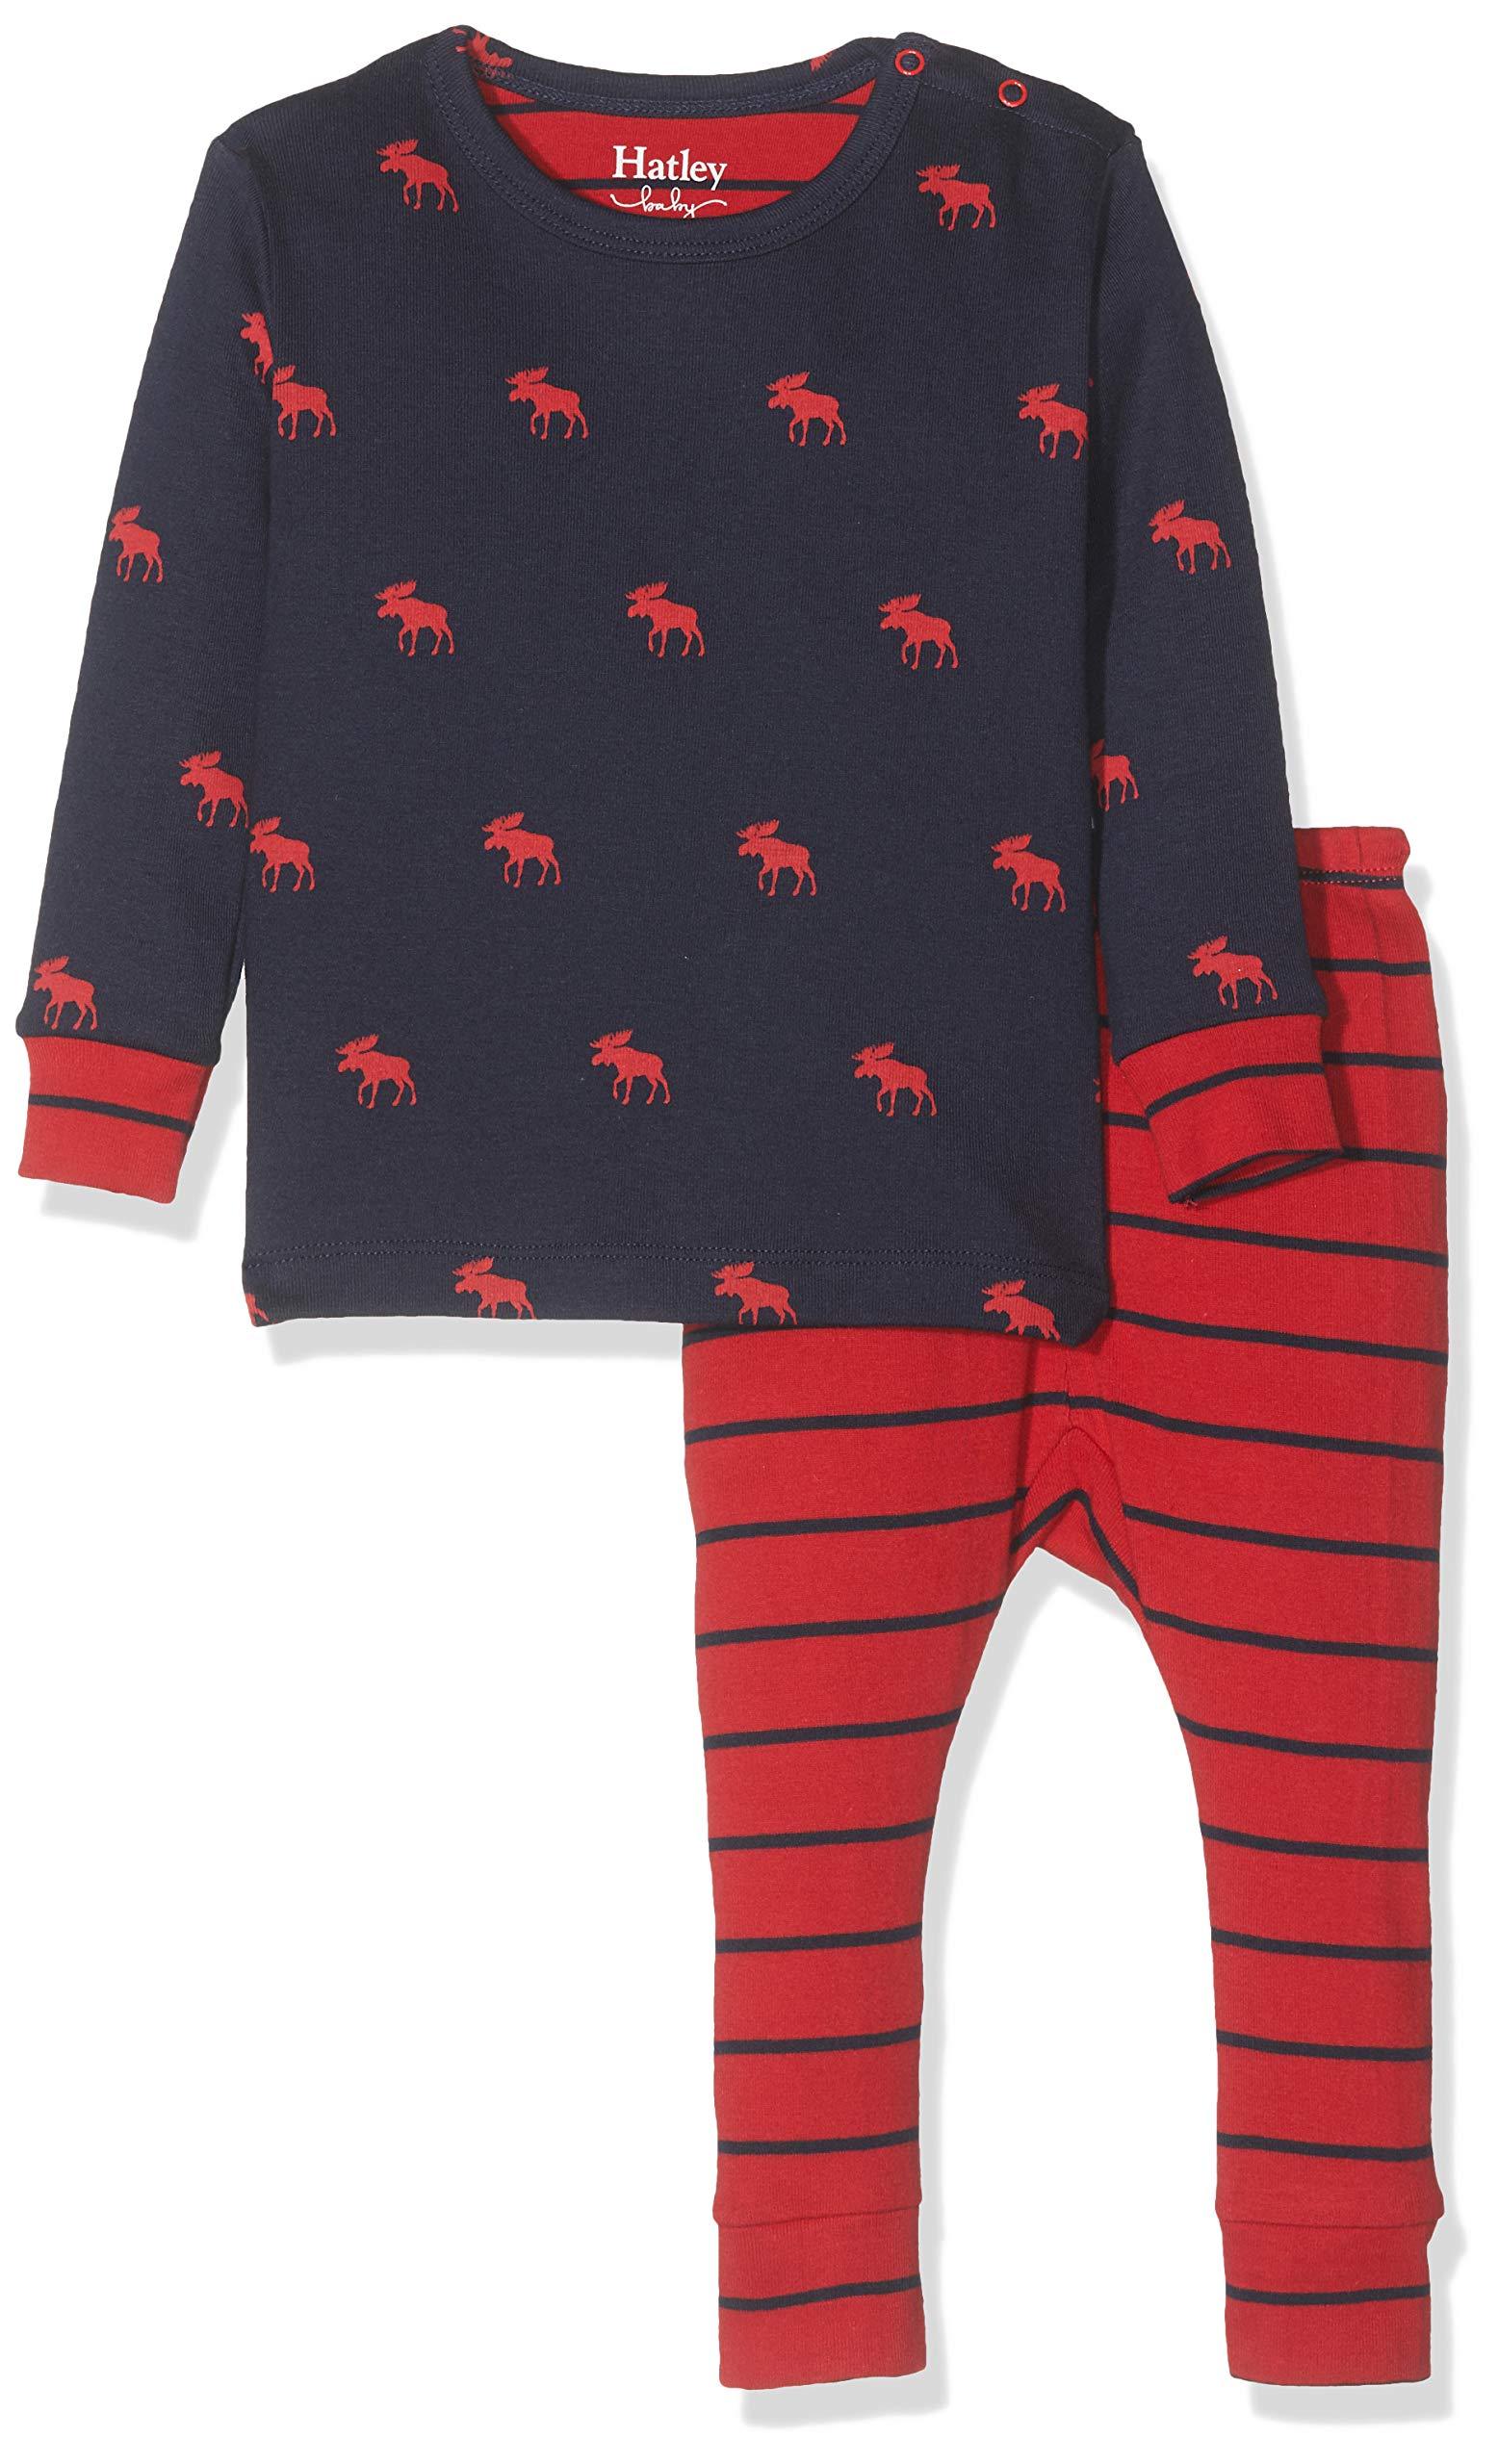 Hatley Mini Organic Cotton Long Sleeve Pyjama Sets Conjuntos de Pijama para Bebés 1